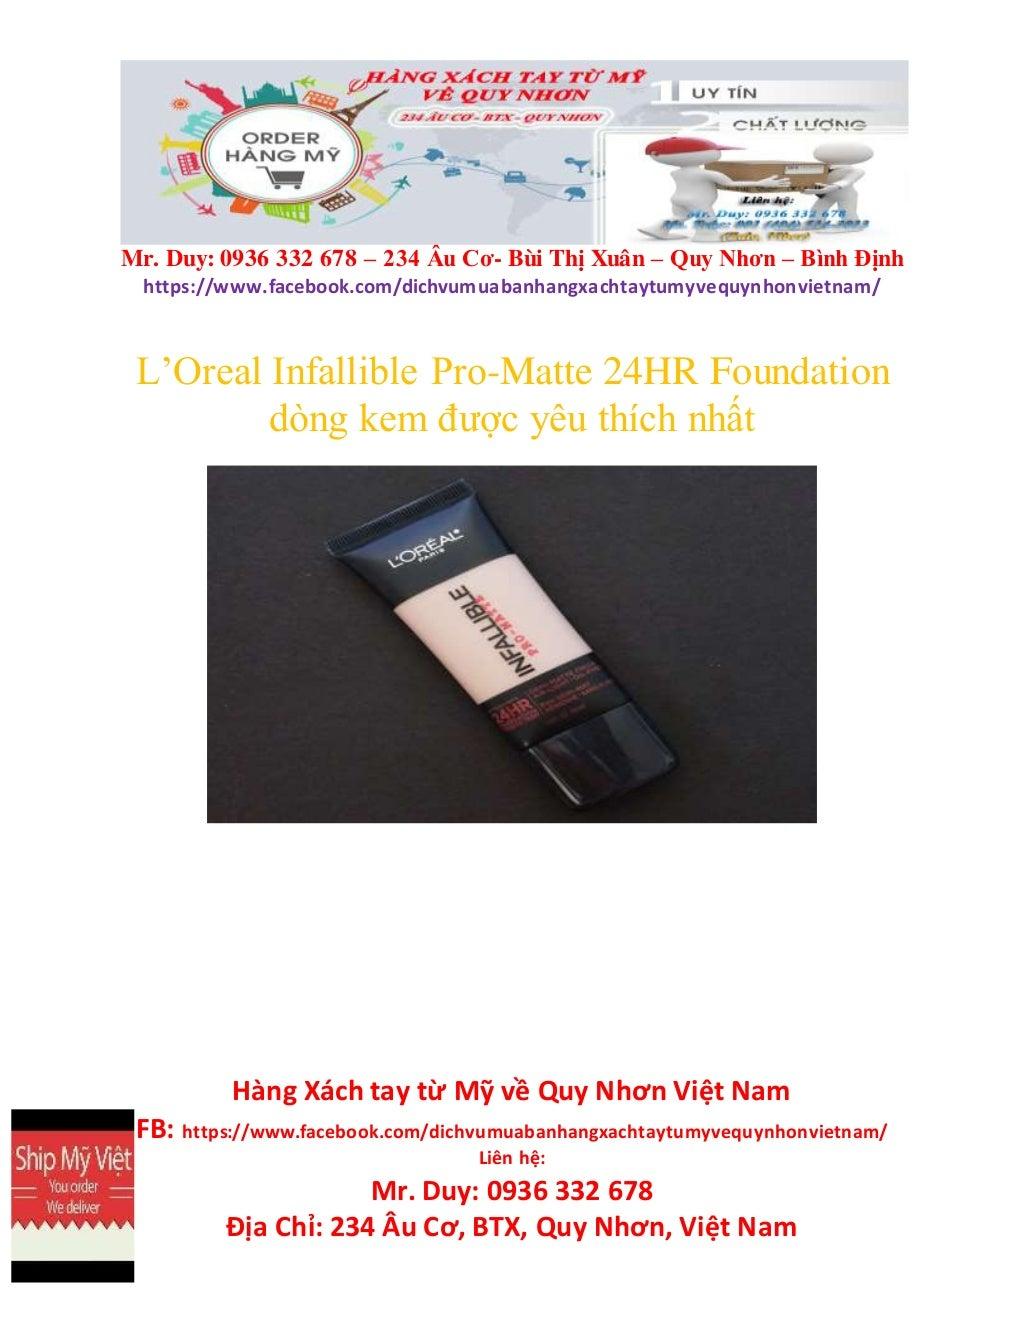 Dịch vụ order mỹ phẩm xách tay về Quy Nhơn bảo đảm - Magazine cover